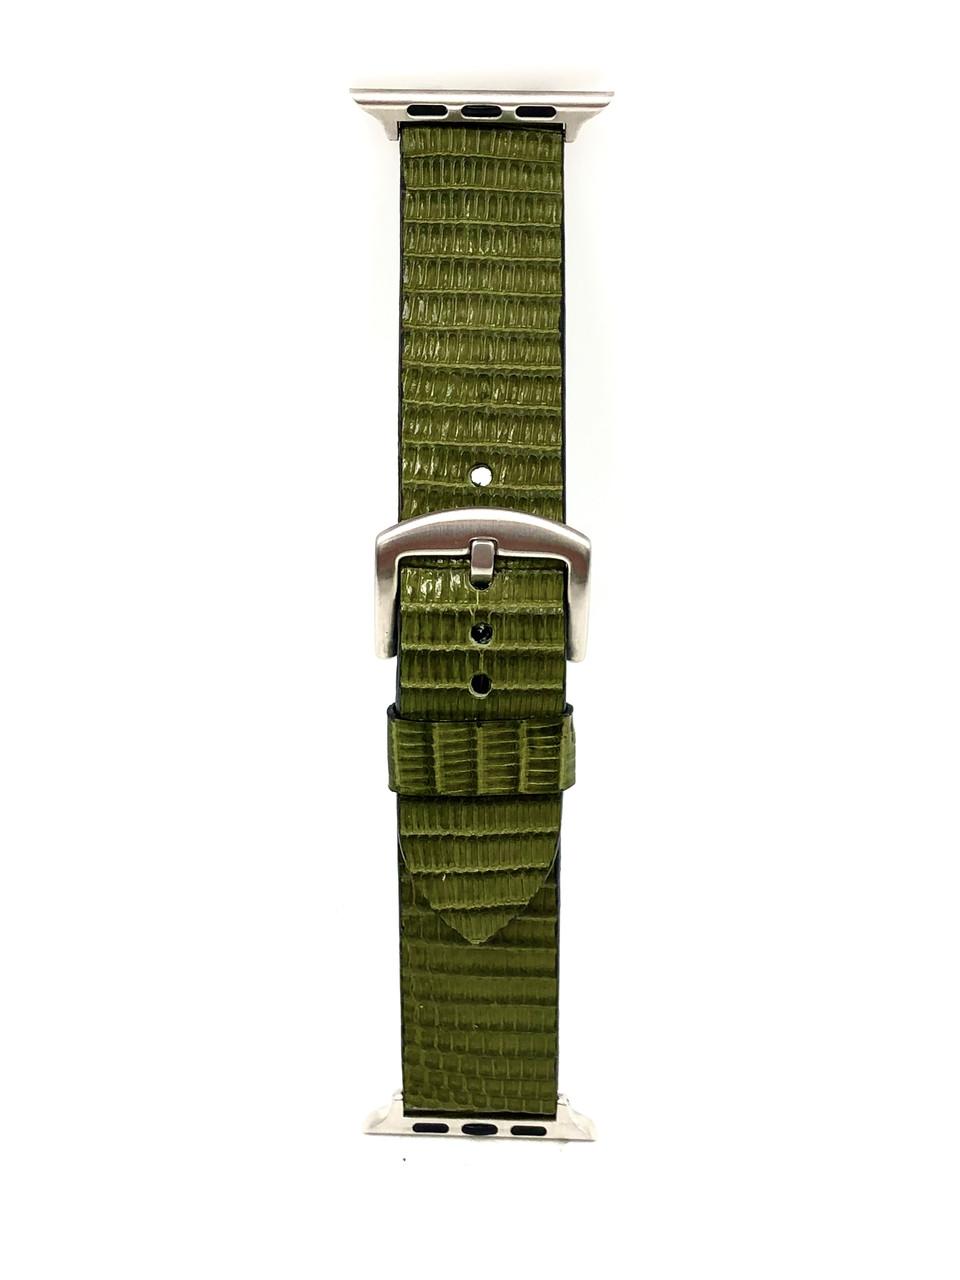 Ремешок для Apple Watch цвета хаки из кожи Игуаны